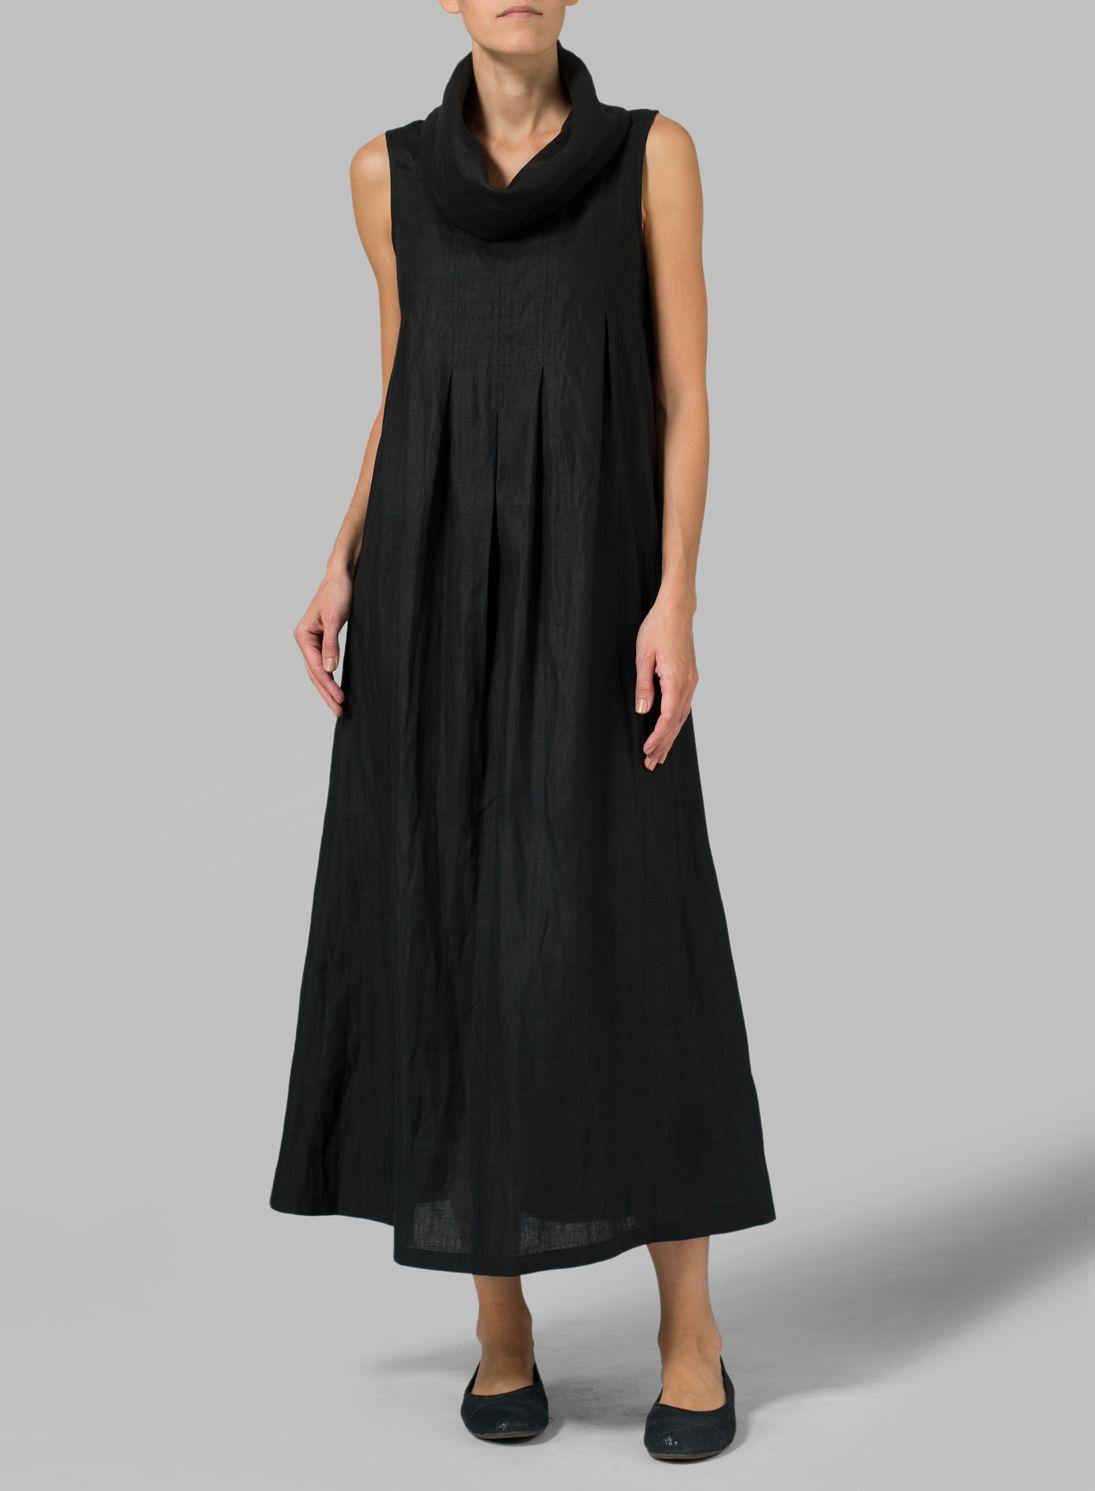 Linen Sleeveless Cowl Neck Long Dress Plus Size EVERLASTING